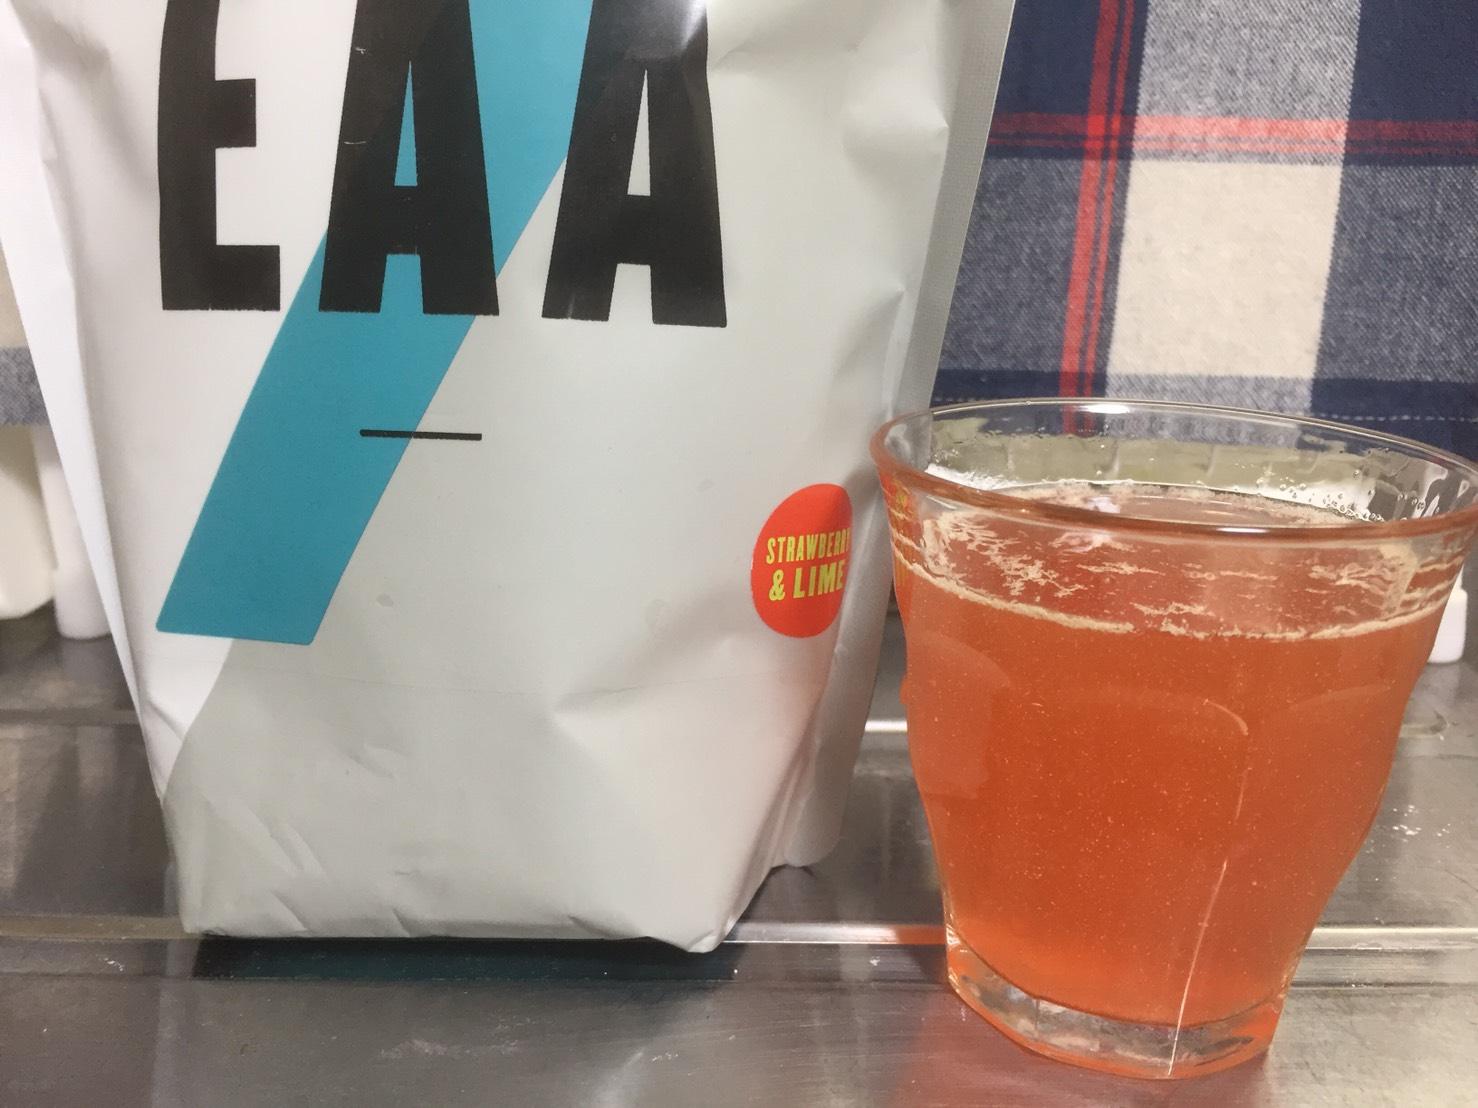 Impact EAAストロベリー&ライム味のレビュー